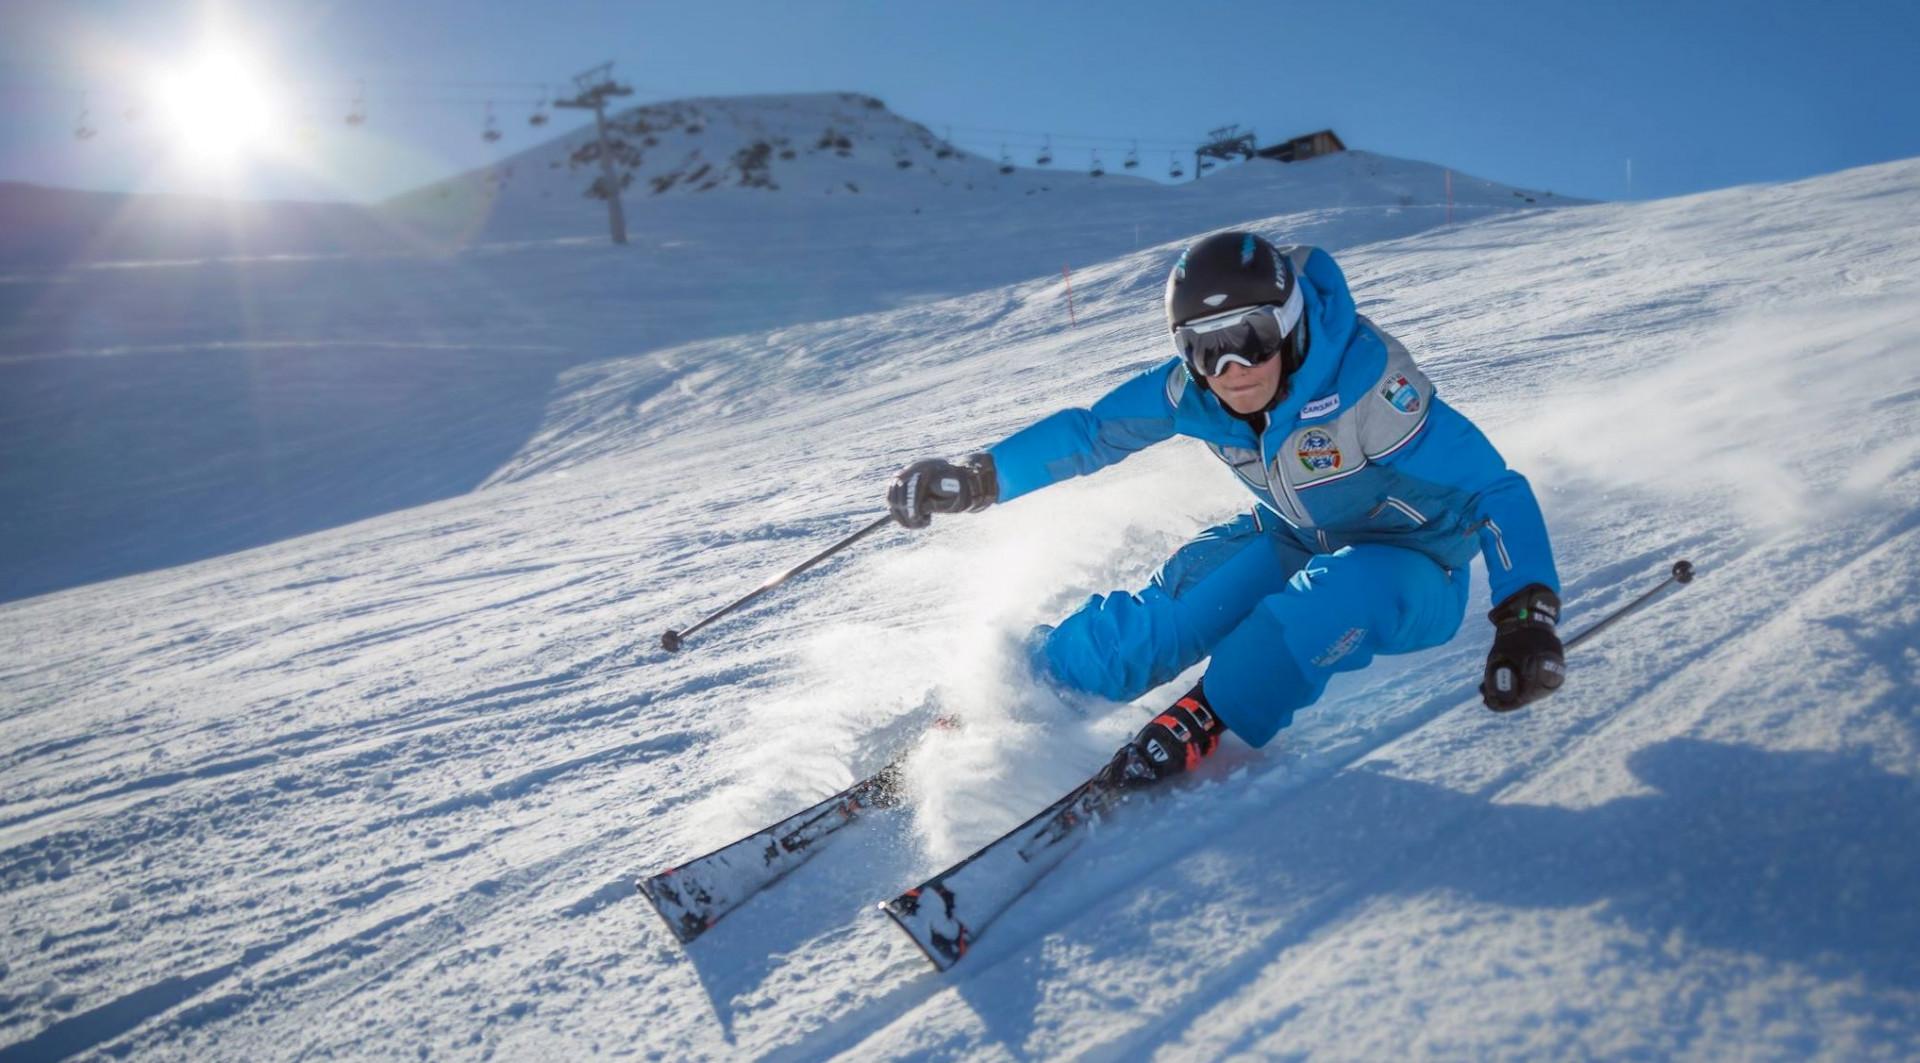 Lezione privata di sci a Sauze d'Oulx per tutti i livelli